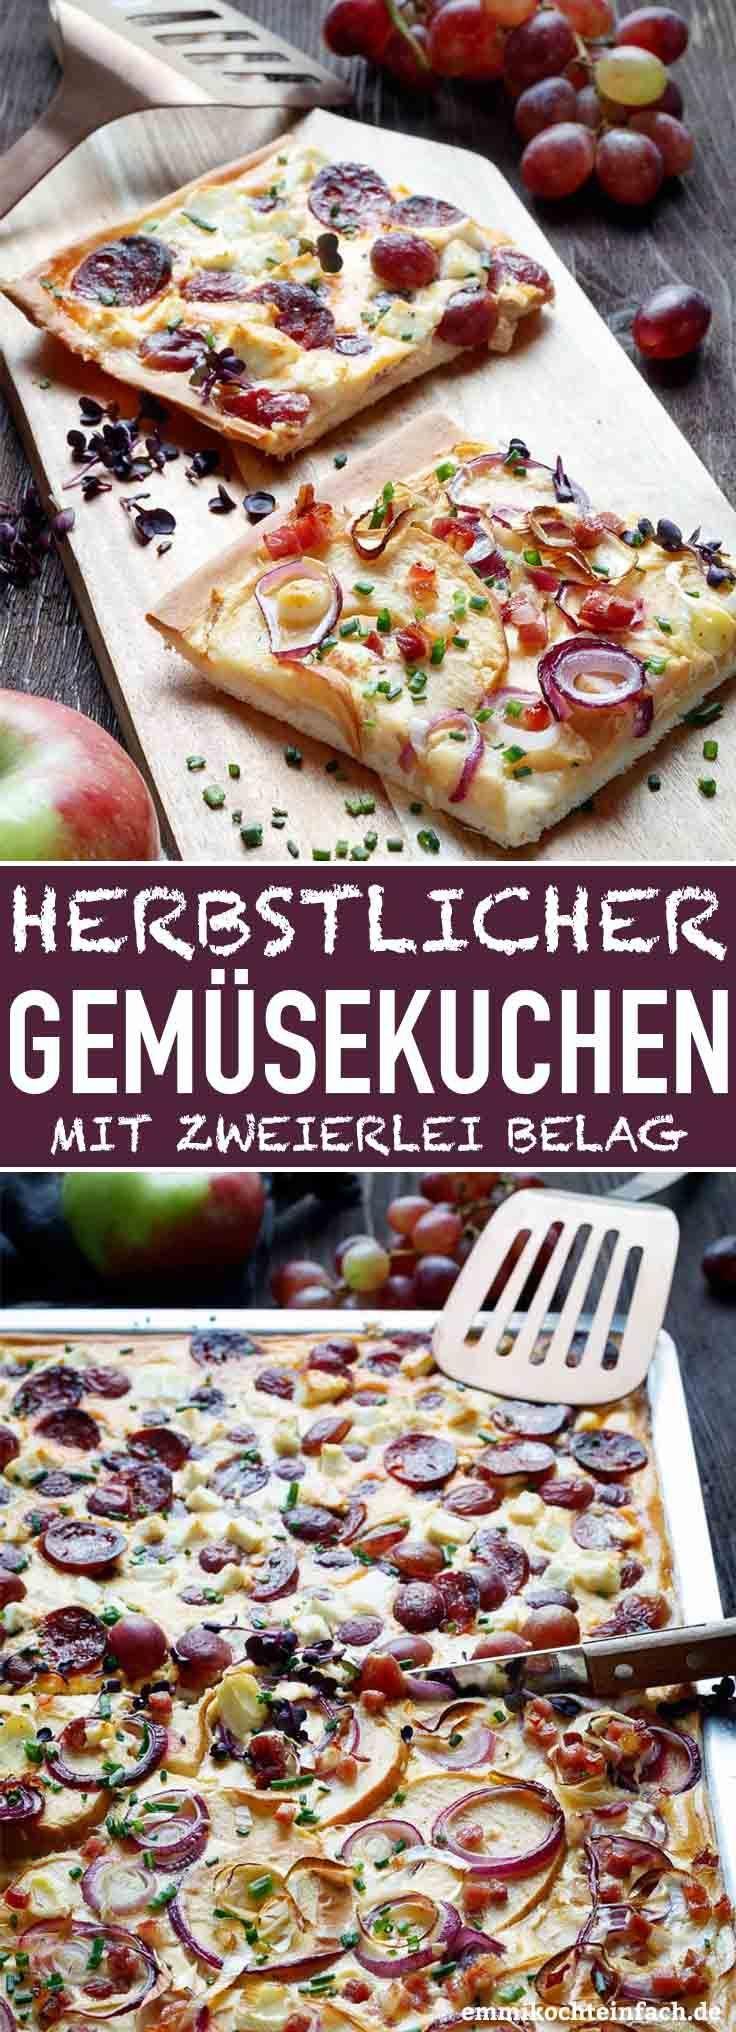 Gemüsekuchen vom Blech - herzhaft & herbstlich #thanksgivingrecipes